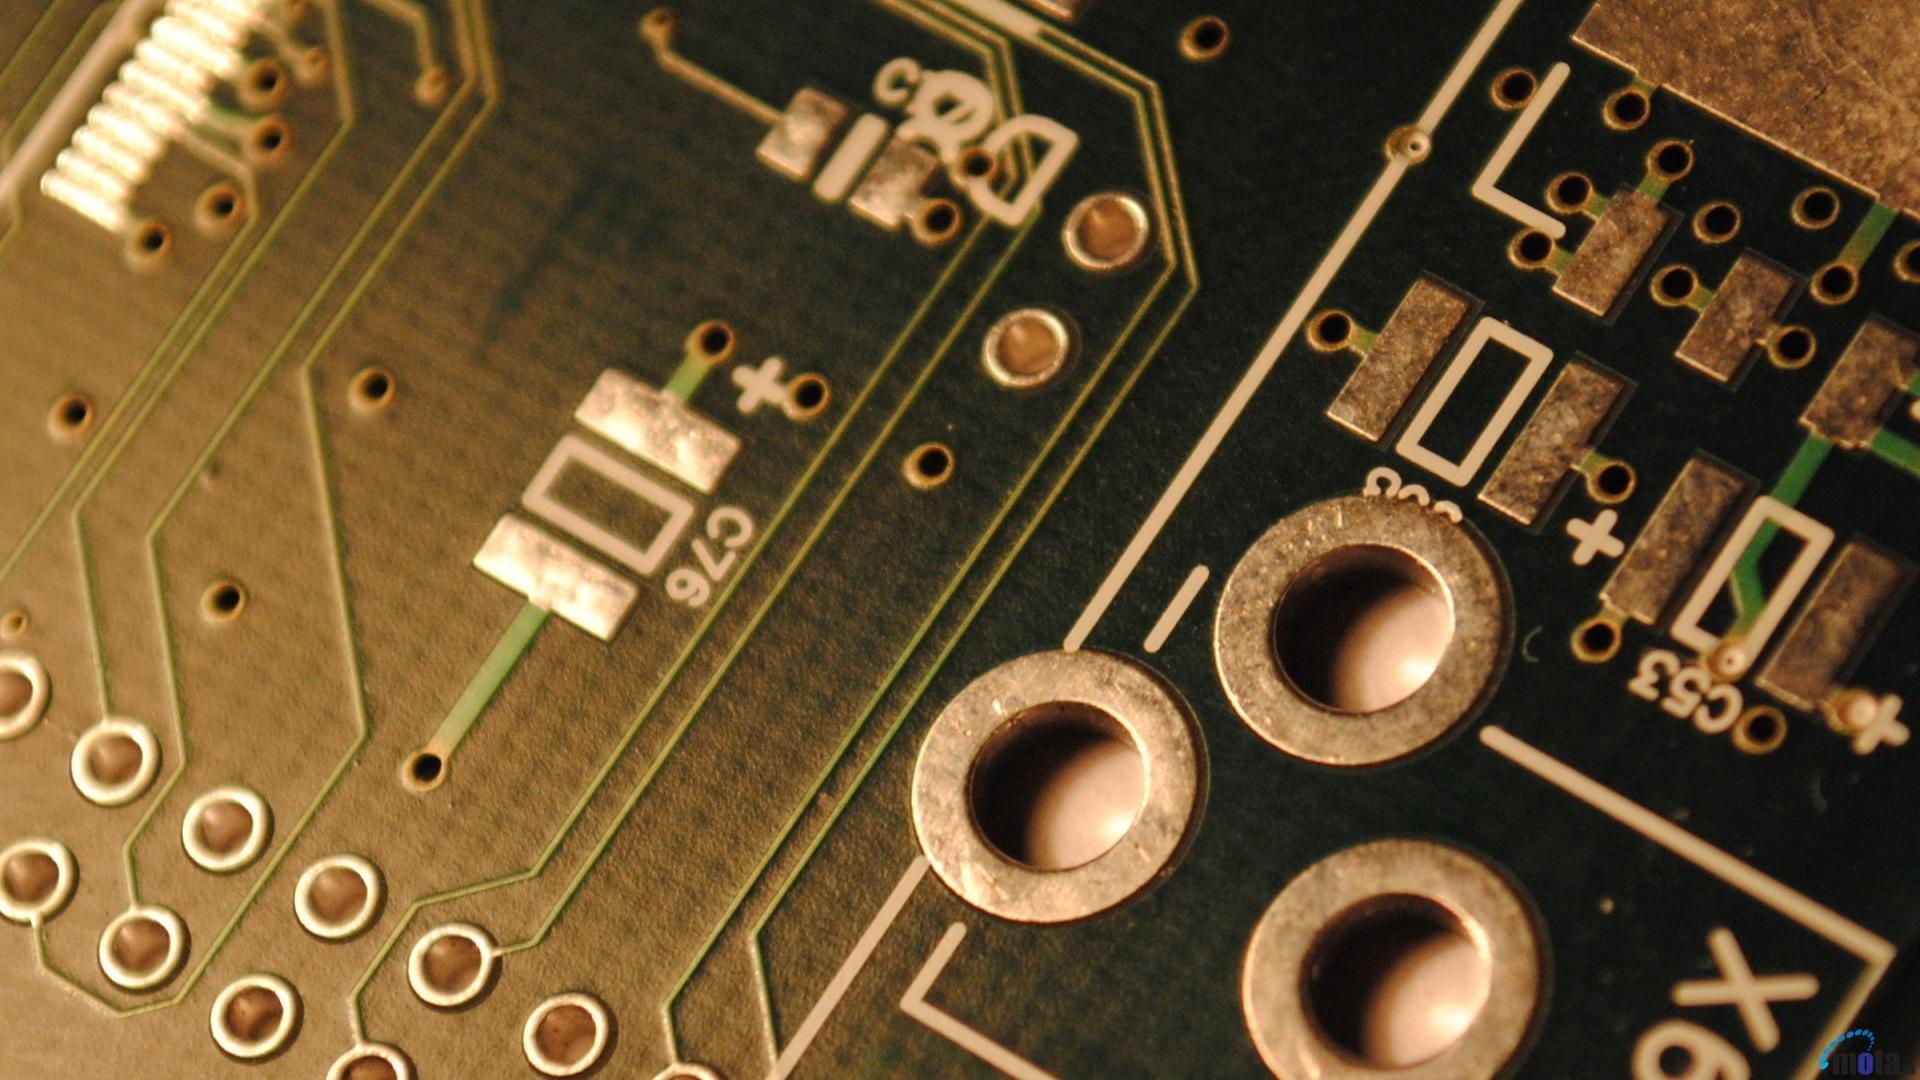 Download Wallpaper PCB (printed circuit board) (1920 x .